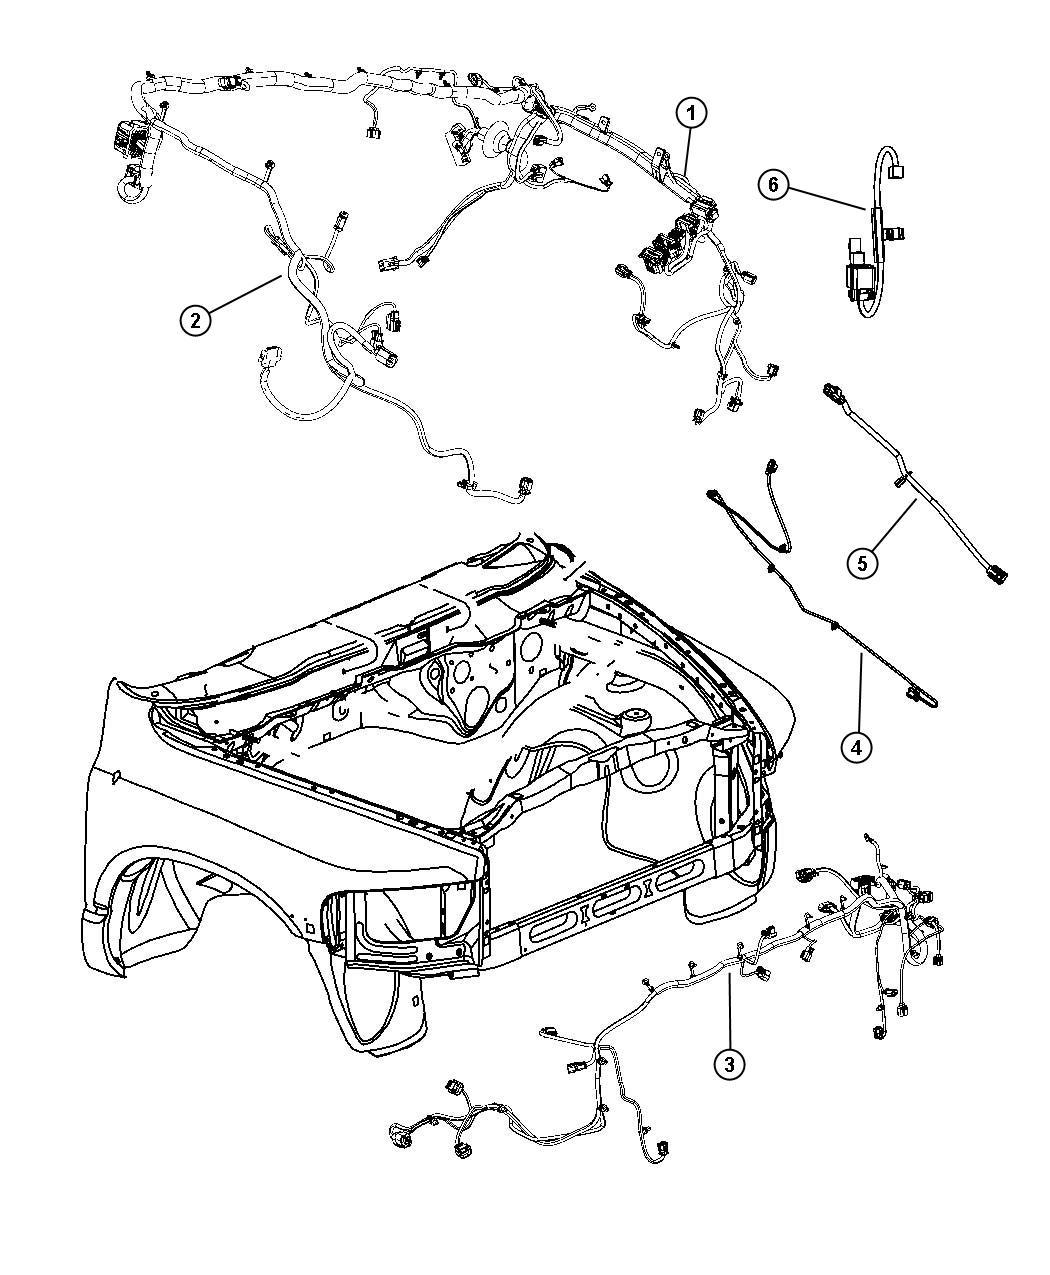 2011 Dodge Ram 1500 Wiring. Dash. Right. Headlamp, mopar